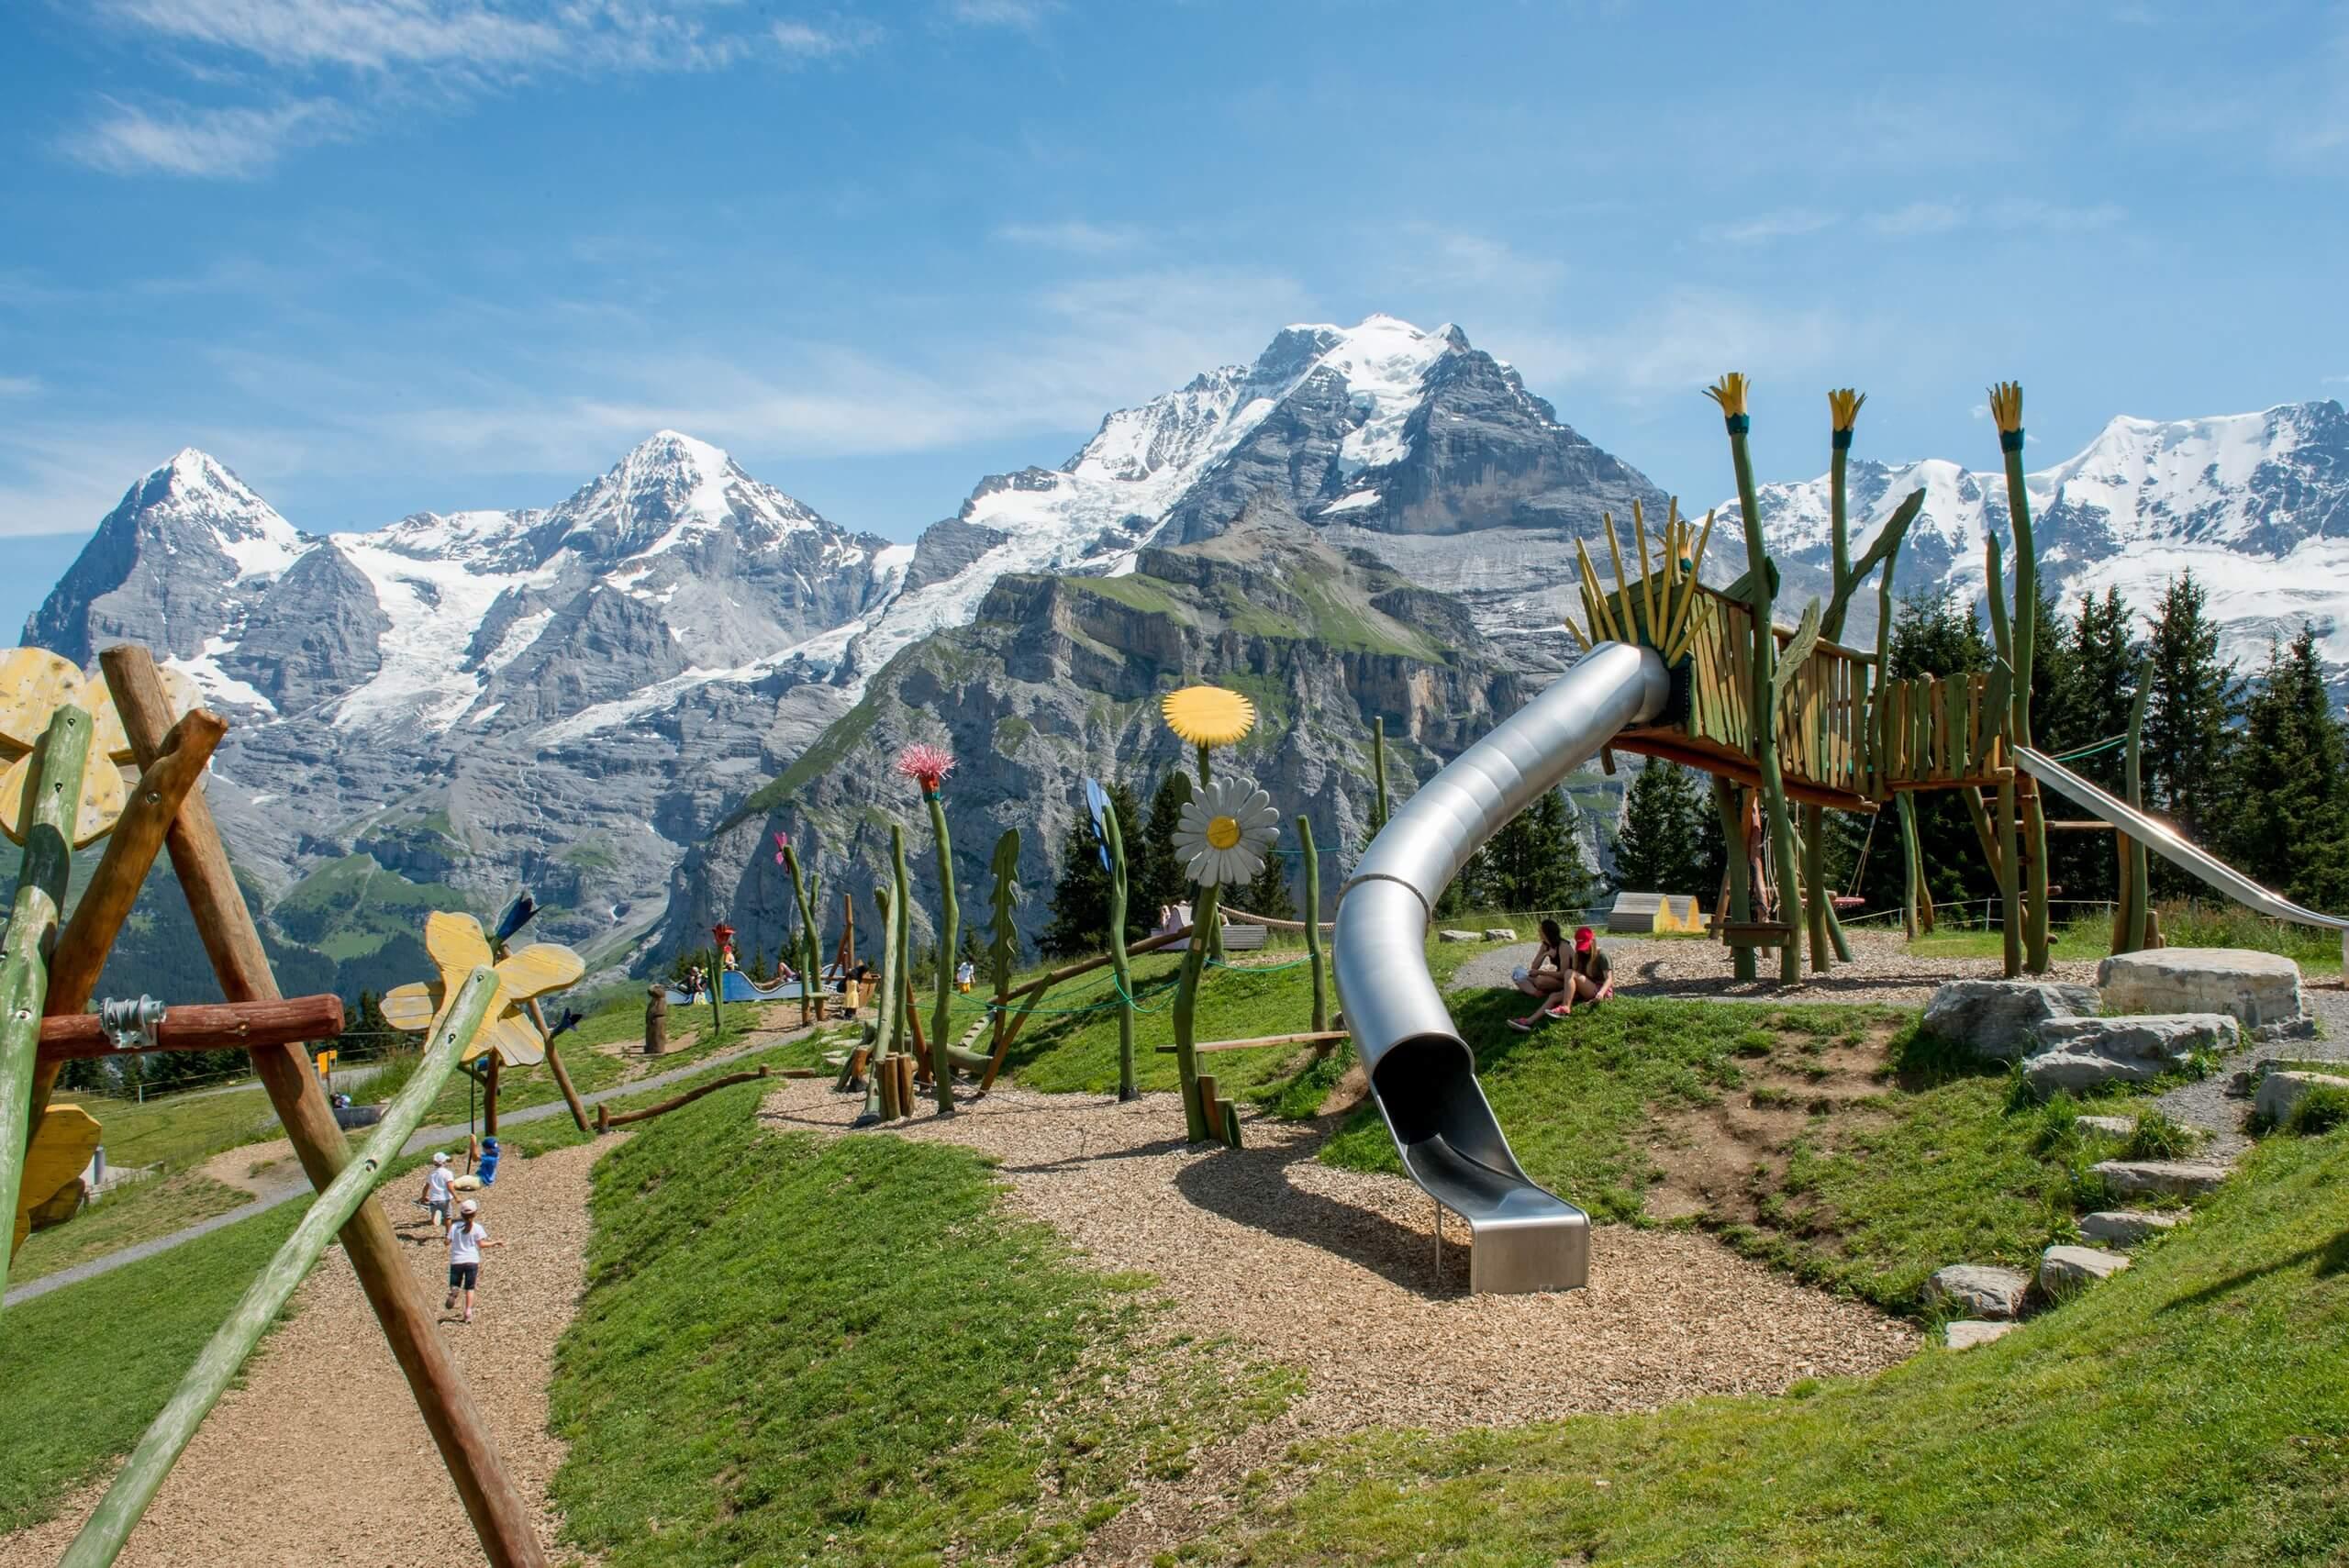 schilthorn-allmendhubel-flower-park-spielplatz